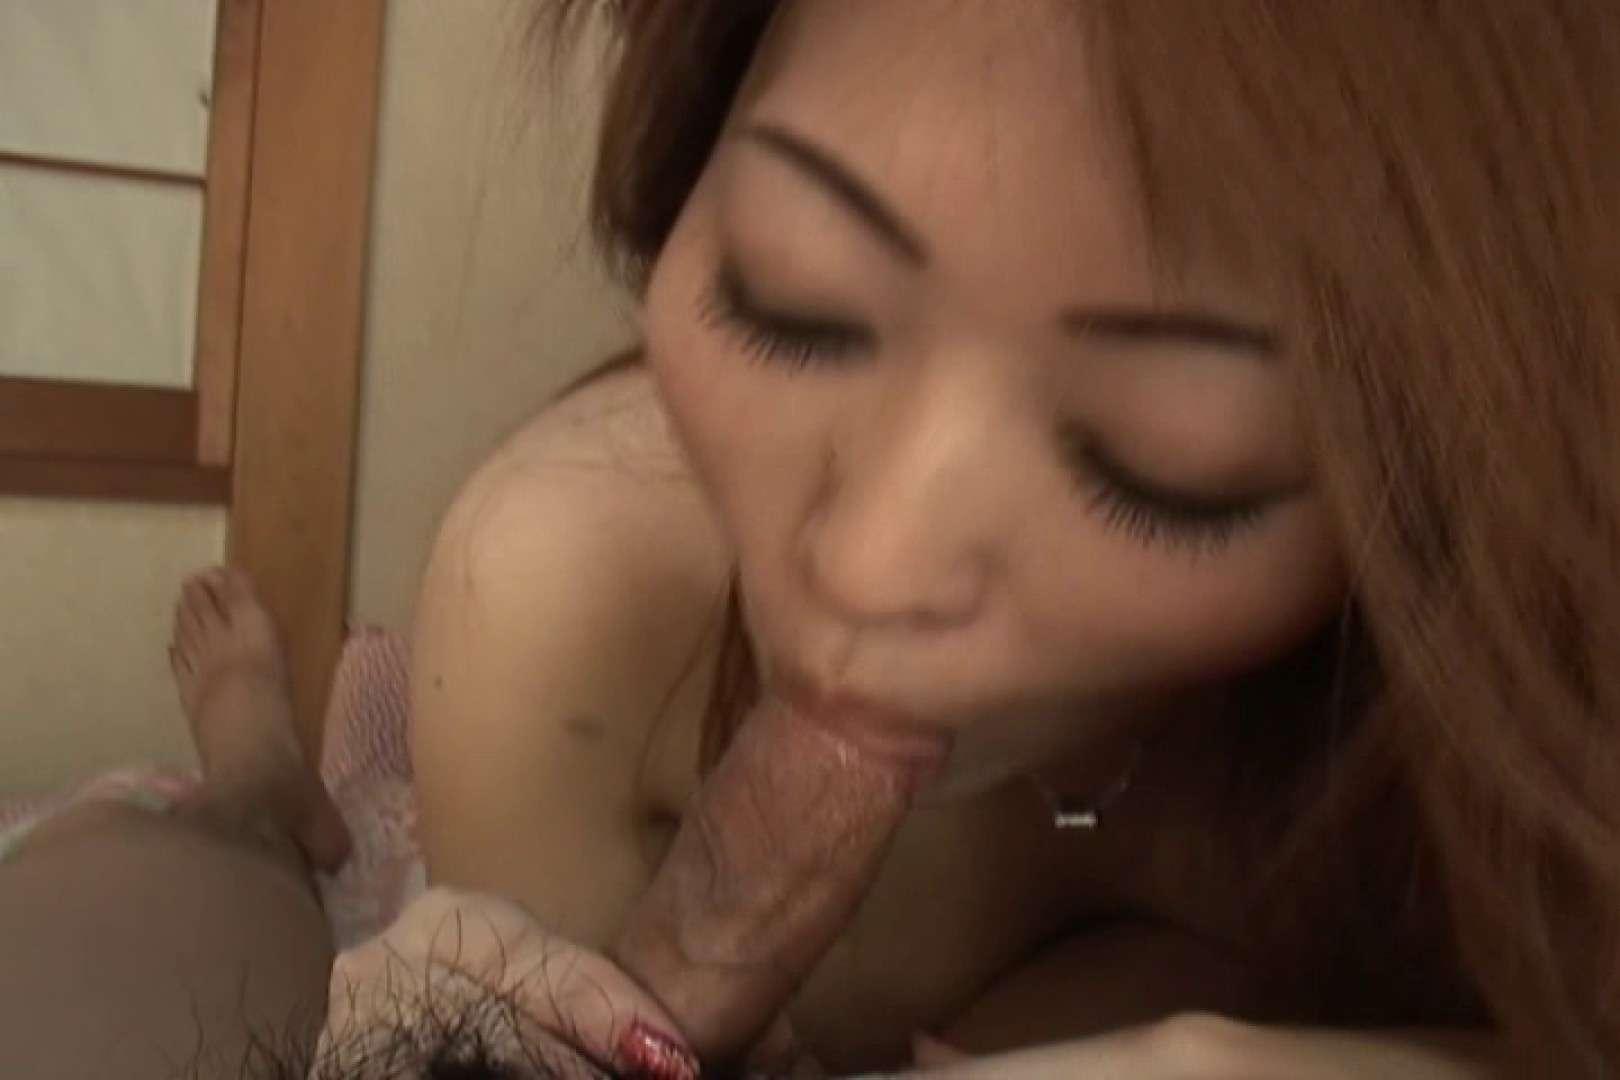 仕事で月200本のチンポを相手する22歳若人妻~桜井あい~ 人妻のエッチ  108pic 4